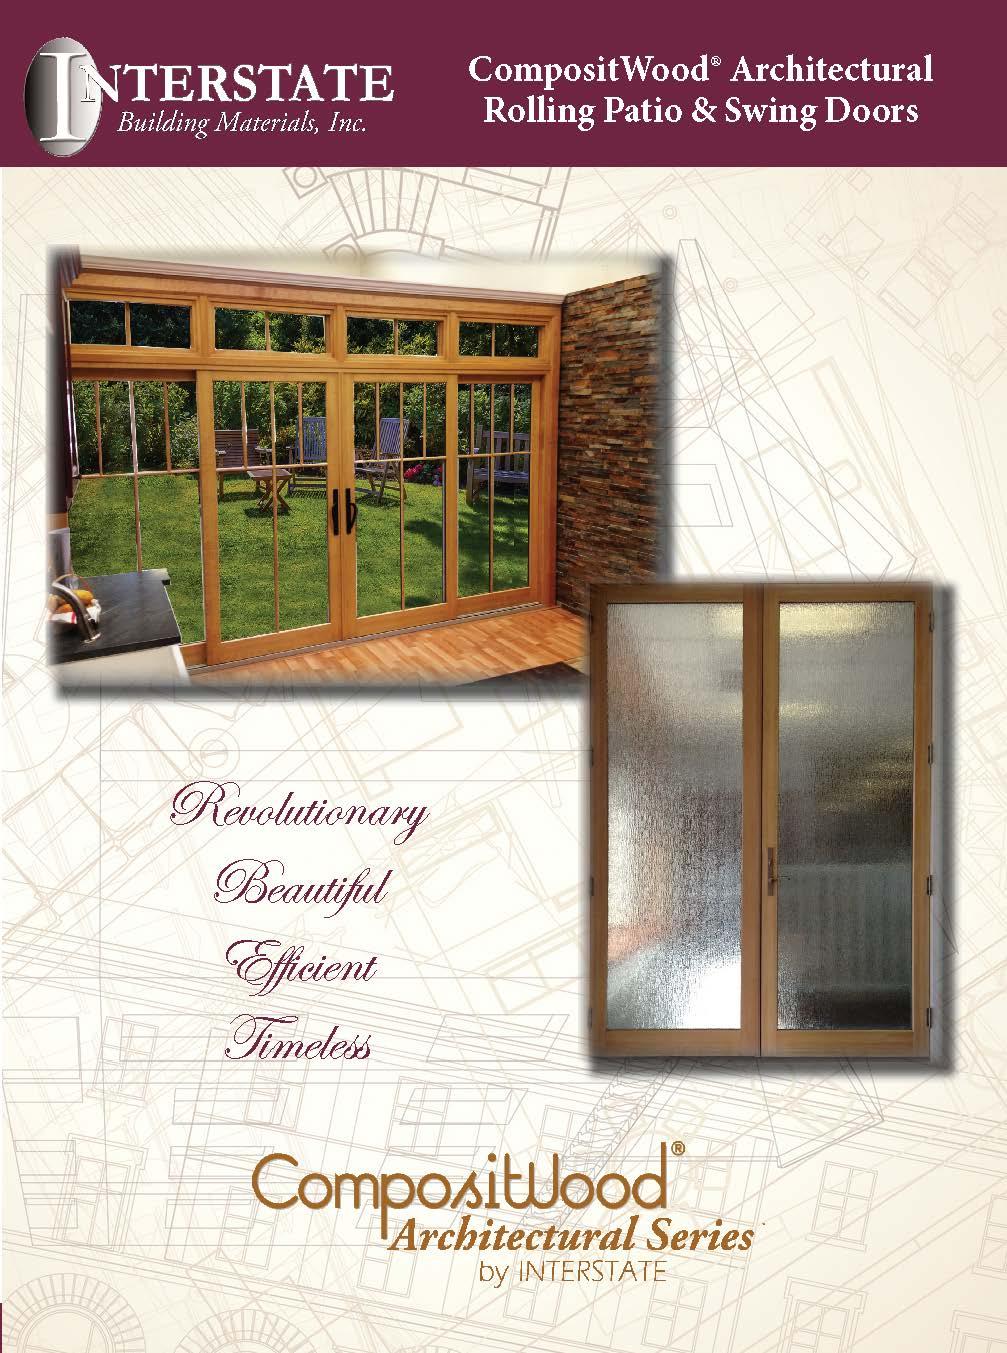 CompositeWood Swing Door Brochure